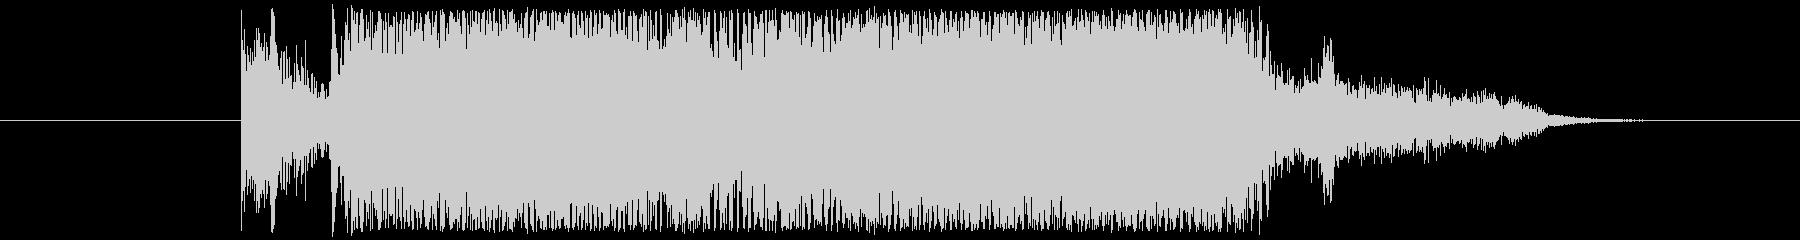 5秒程度のジングル、バンドサウンドです。の未再生の波形